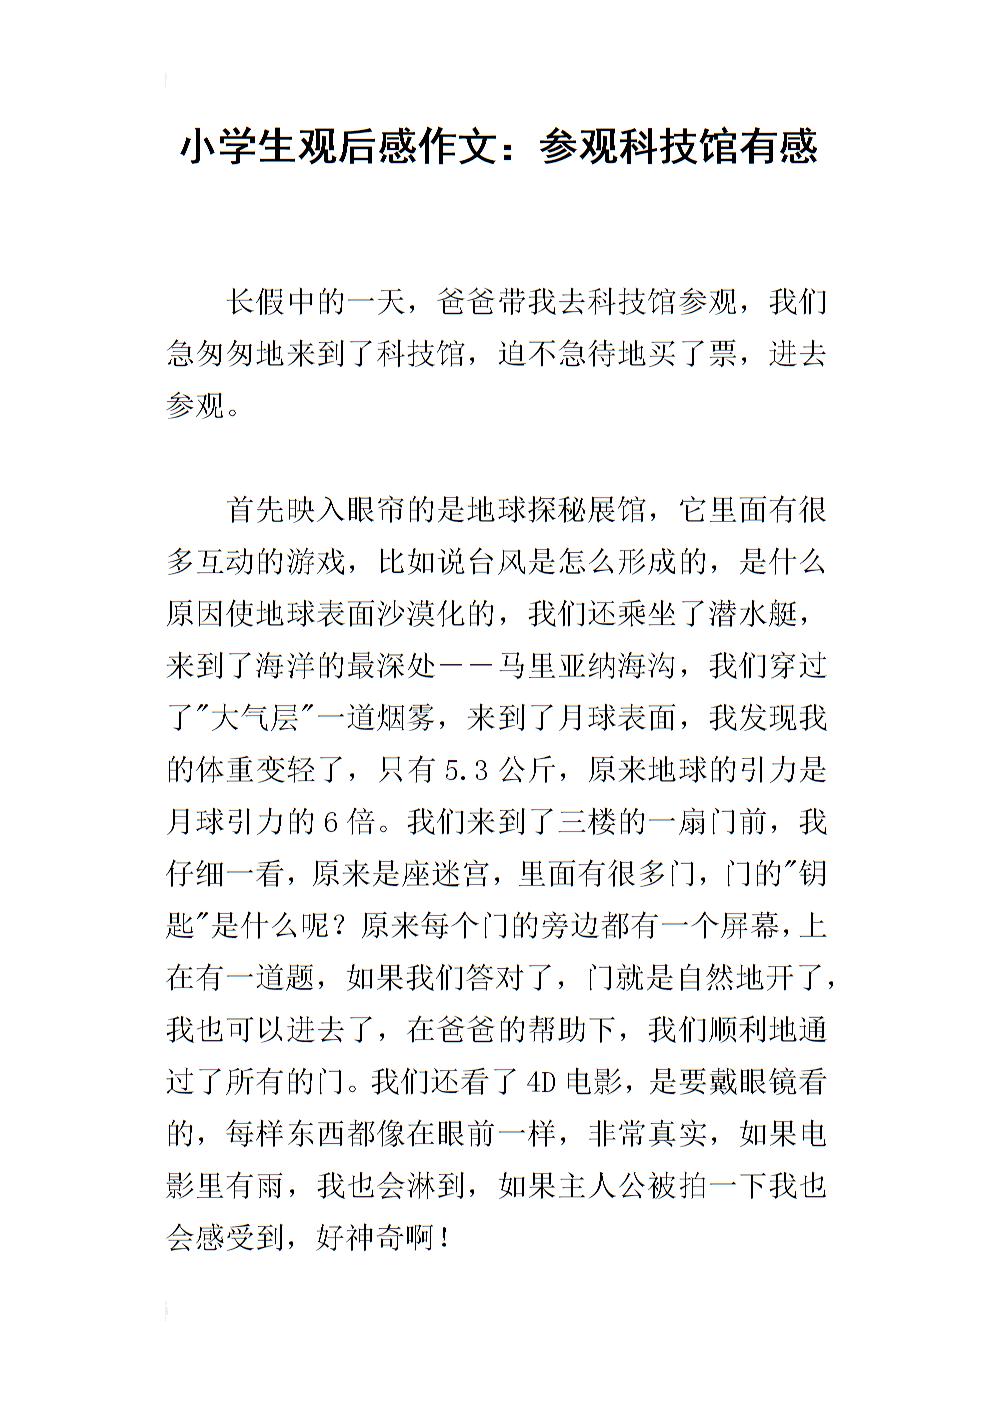 观后感作文_小学生观后感作文:参观科技馆有感.docx